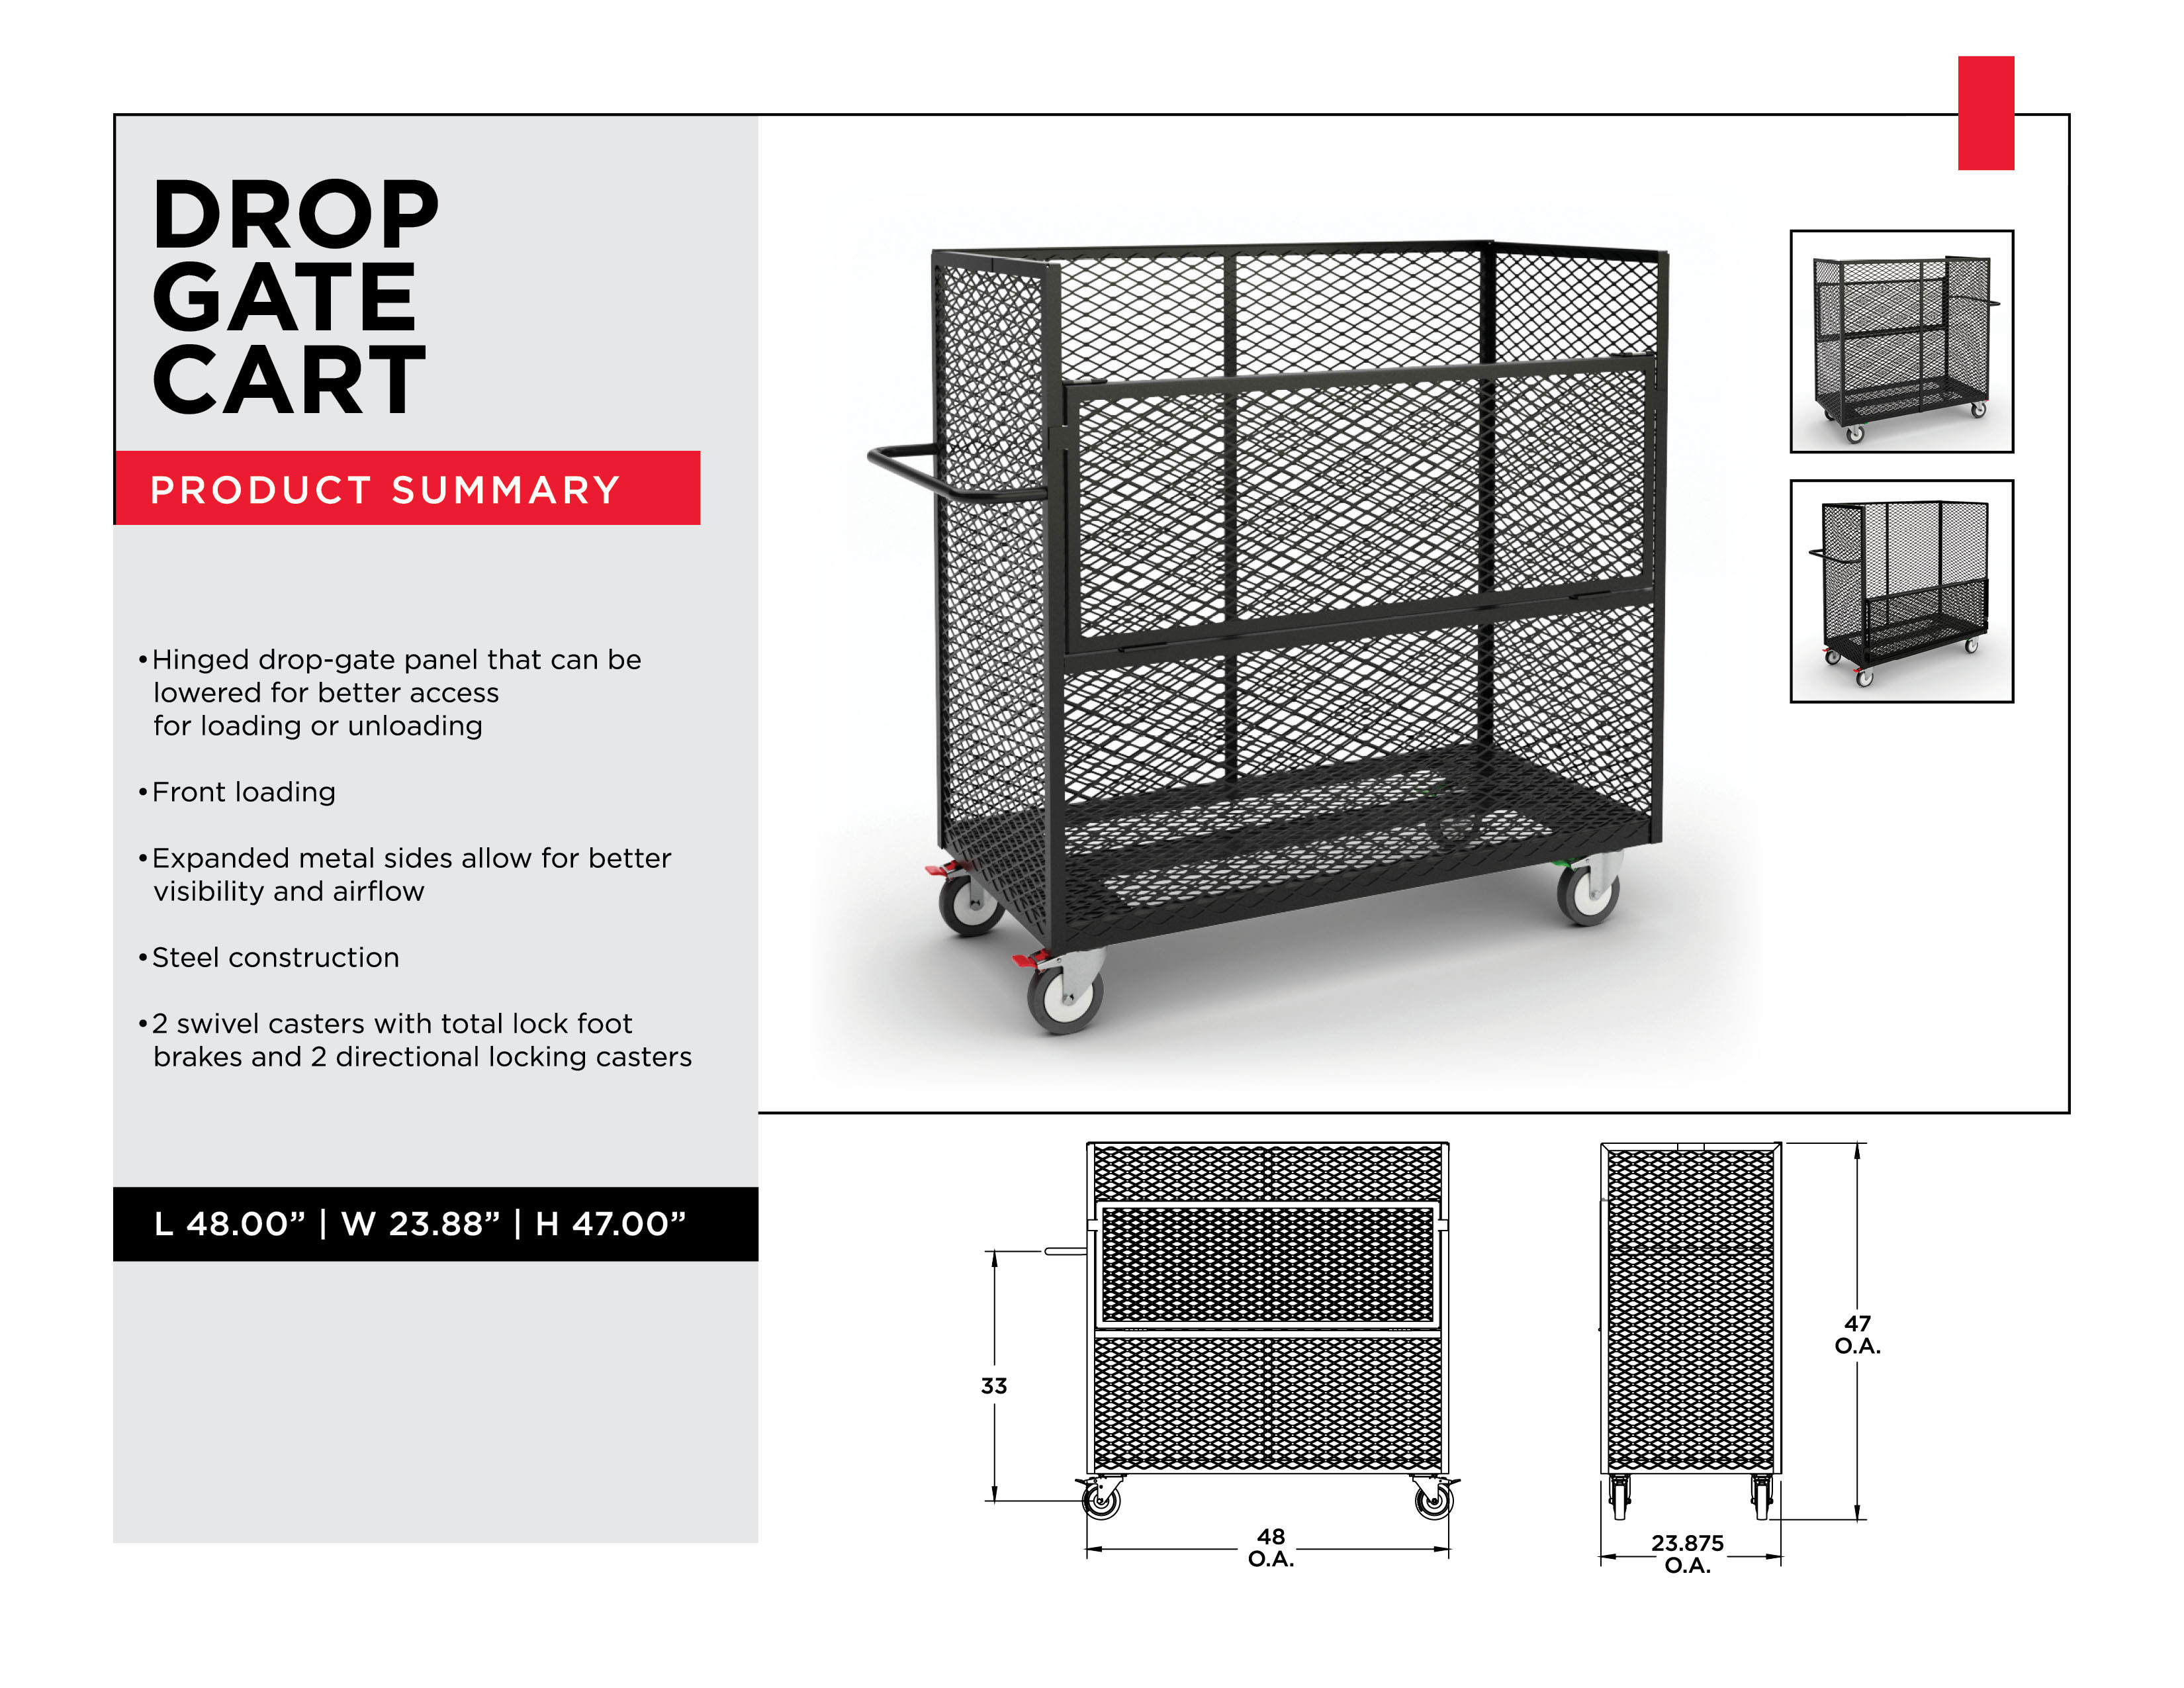 Industrial Sorting Carts: Drop Gate Cart